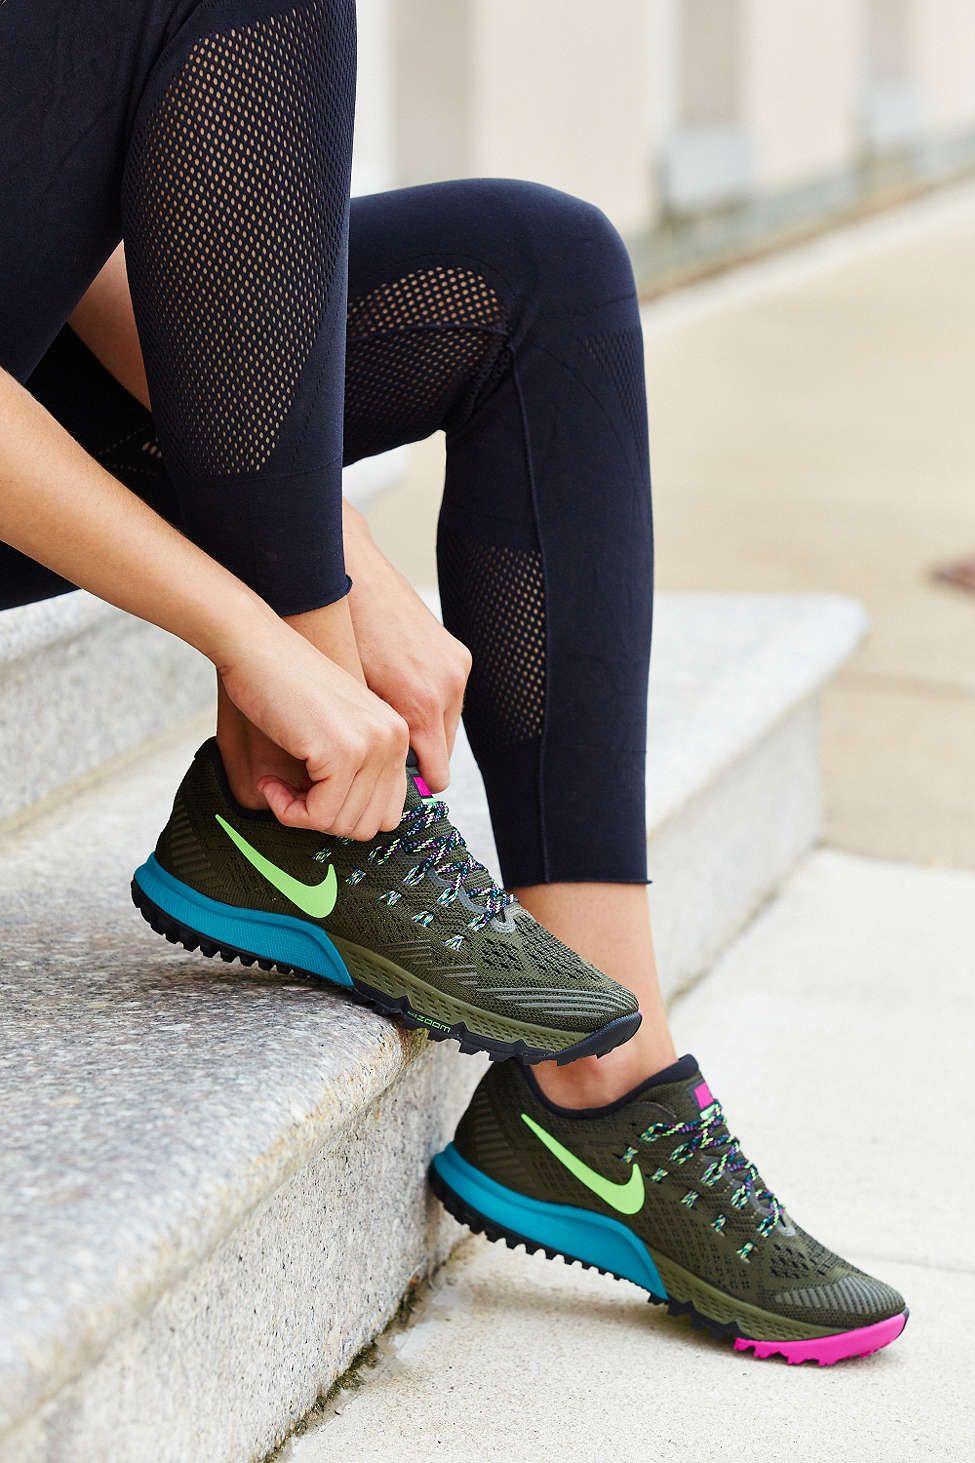 newest 980ae ba41d Nike Air Zoom Terra Kiger 3 Sneaker